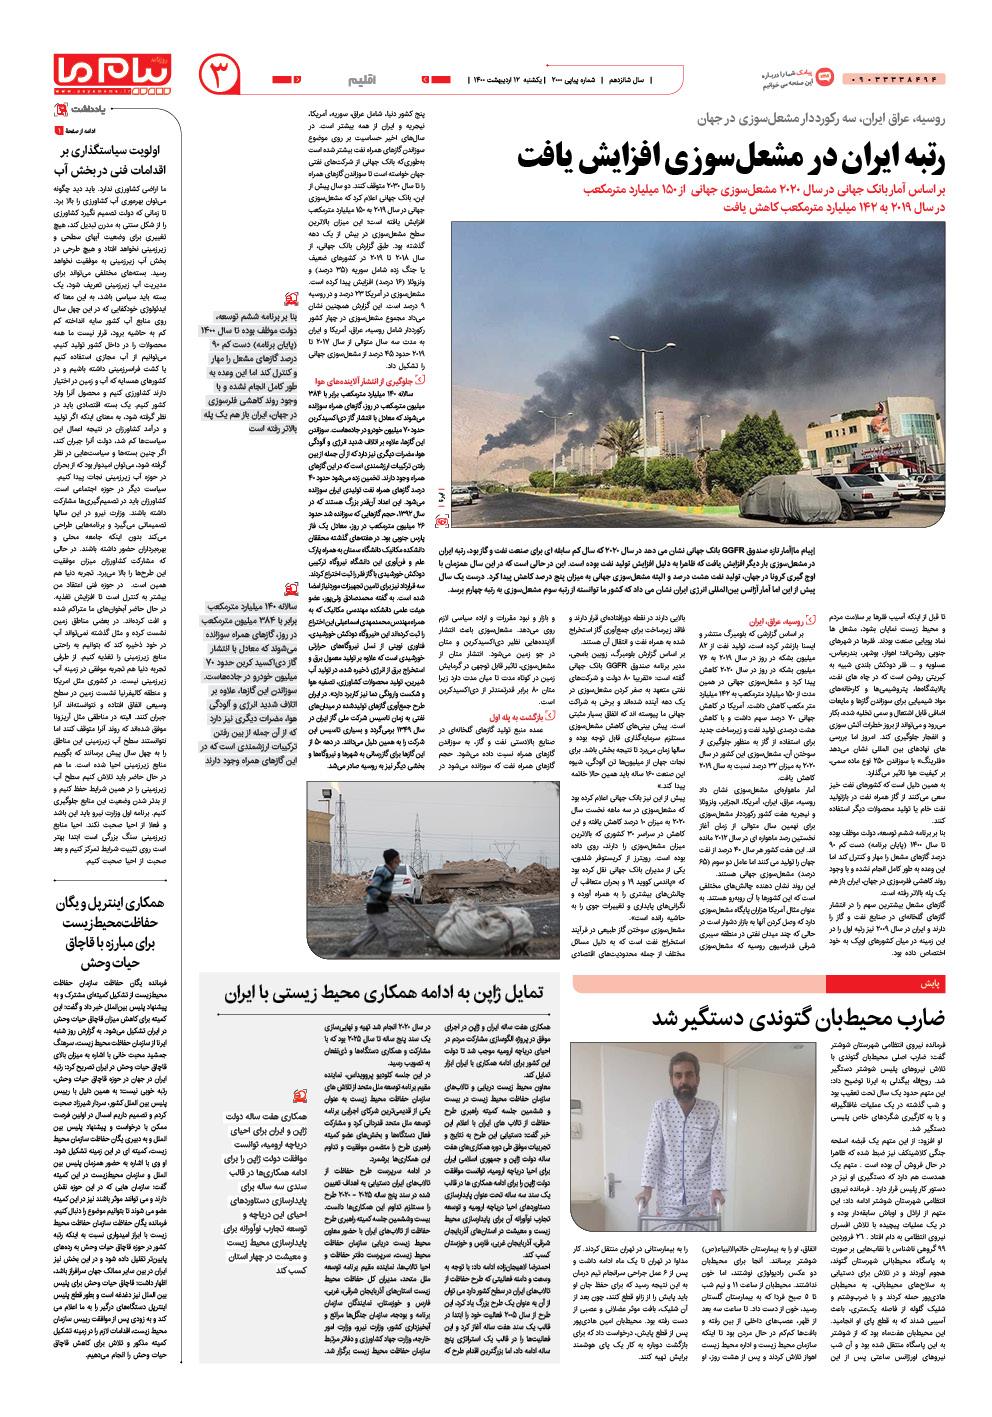 صفحه اقلیم شماره ۲۰۰۰ روزنامه پیام ما